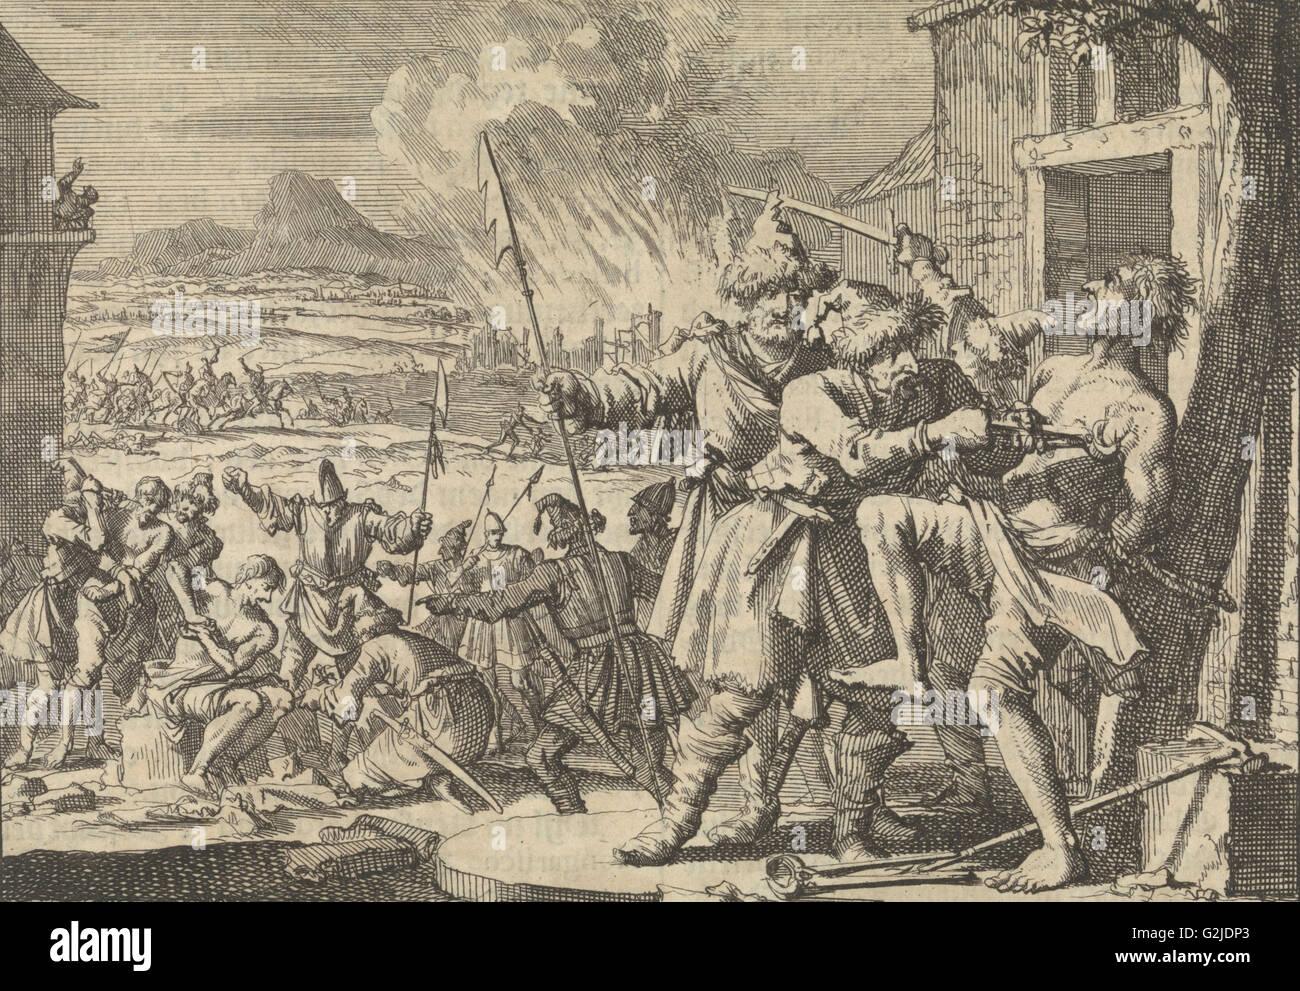 Grausamkeiten gegen das Volk von Niederösterreich verübt polnischen Kosaken in den Dienst des Kaisers, Stockbild